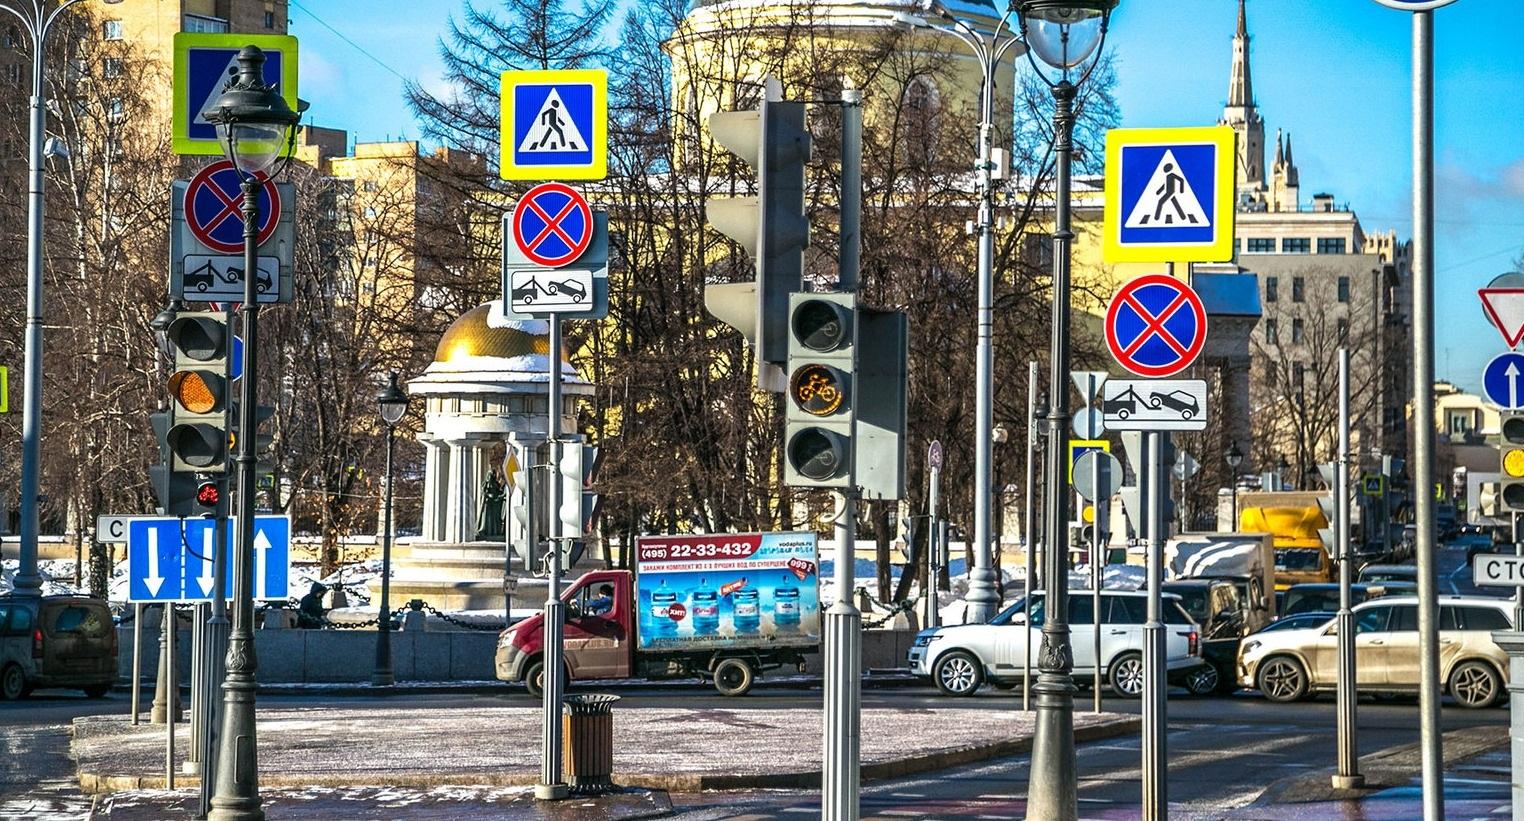 фотографии дорожных знаков высокого качества одним